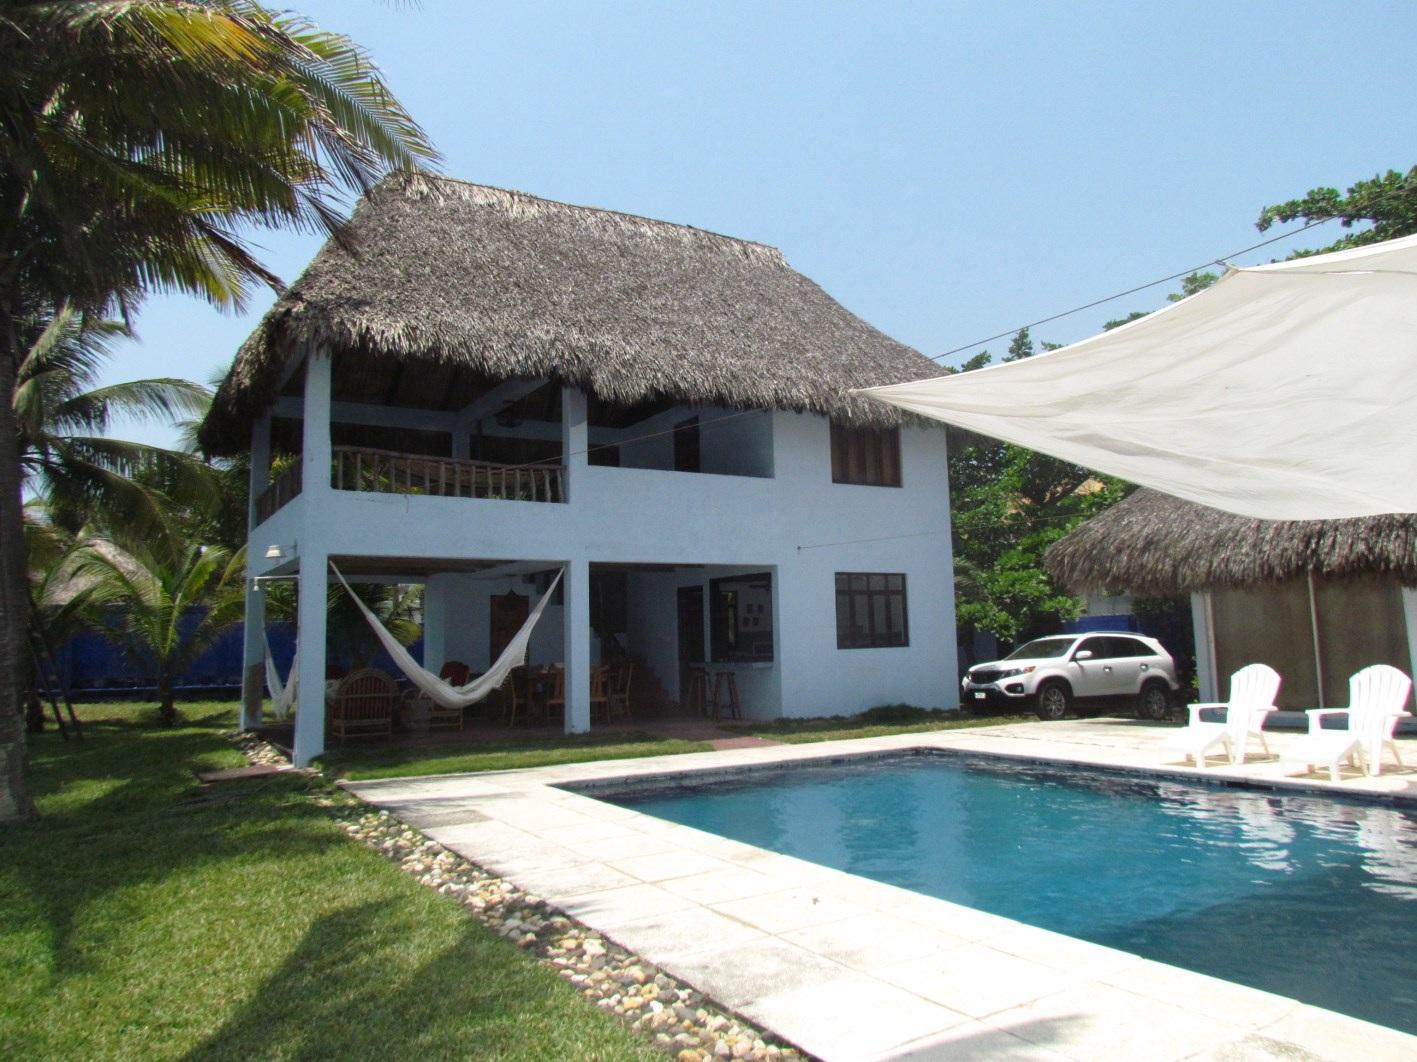 Casa frente al mar ganga US$115,000.00